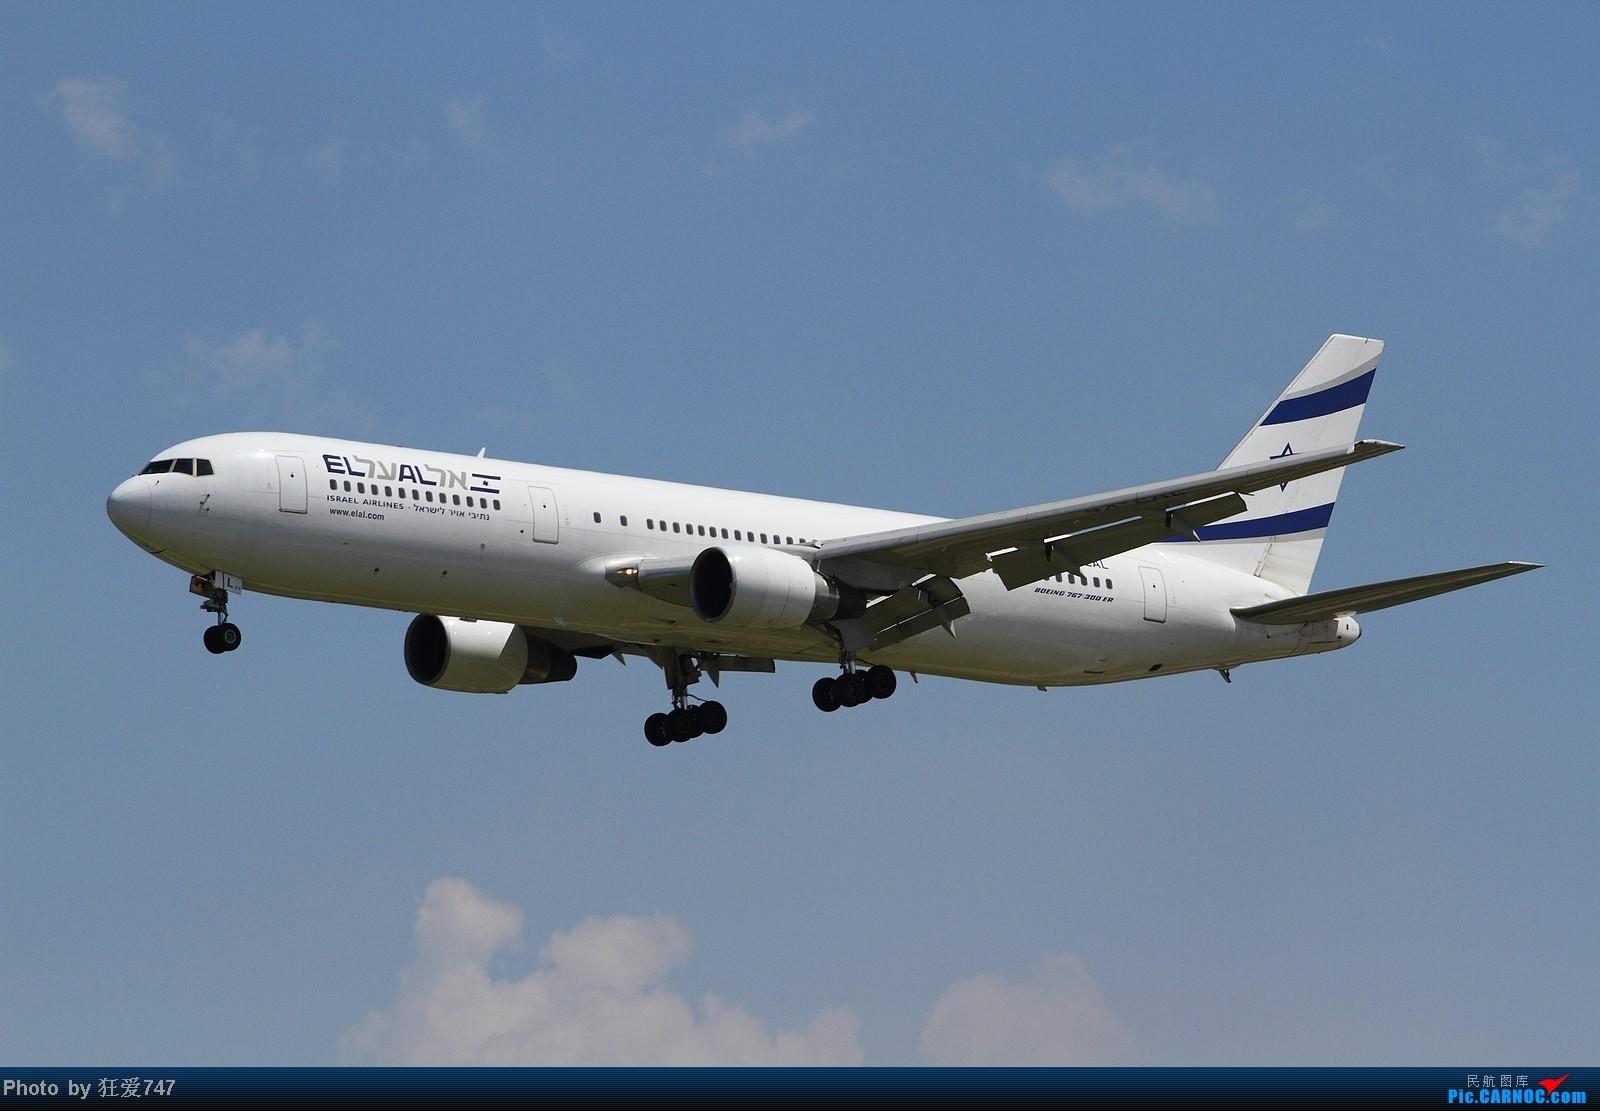 [原创]三张图:来自特拉维夫的大卫星-以色列767. BOEING 767-33A/ER 4X-EAL 中国北京首都机场